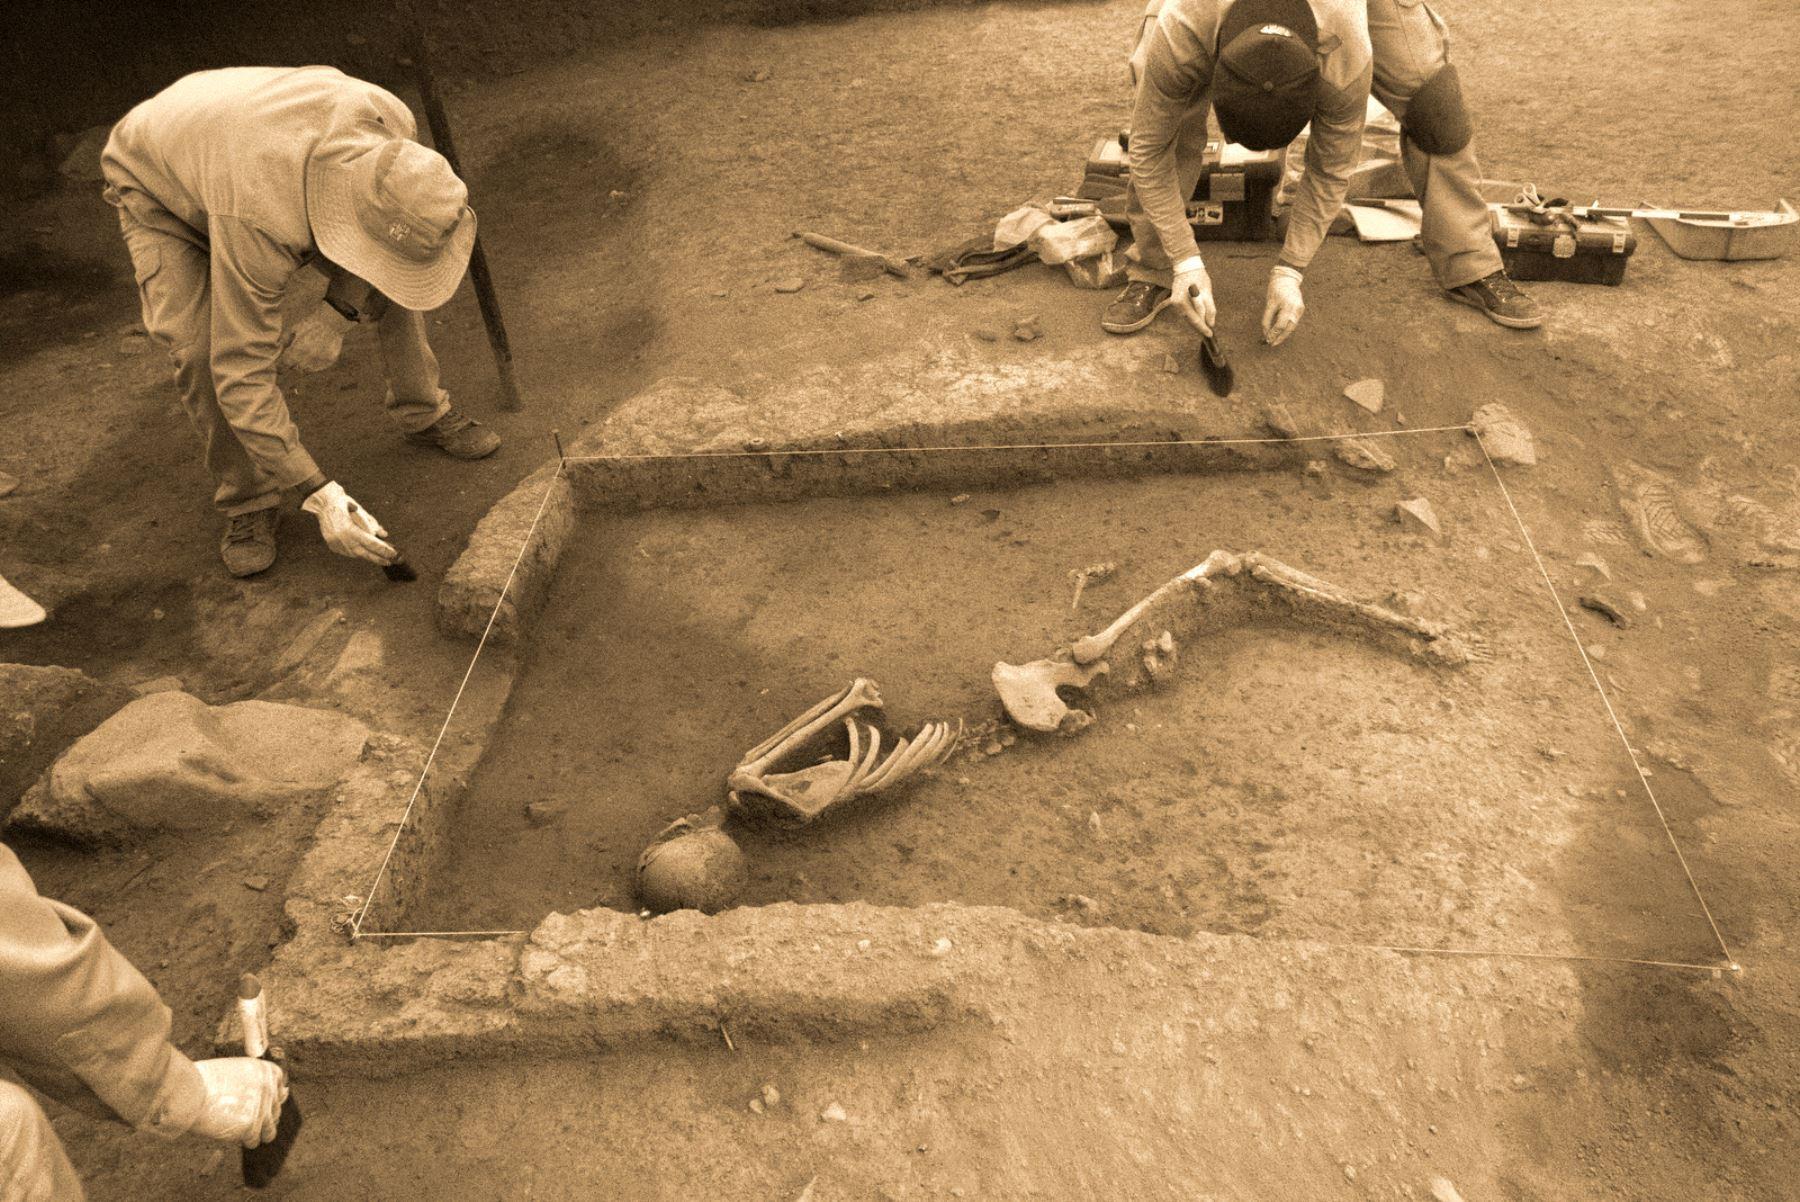 Dos entierros humanos que datan de hace 3 mil años fueron hallados recientemente por especialistas de la Dirección Desconcentrada de Cultura de Cusco (DDCC) en la zona arqueológica de Marcavalle, ubicado en el corazón de la ciudad del Cusco. Foto: ANDINA/Percy Hurtado Santillán